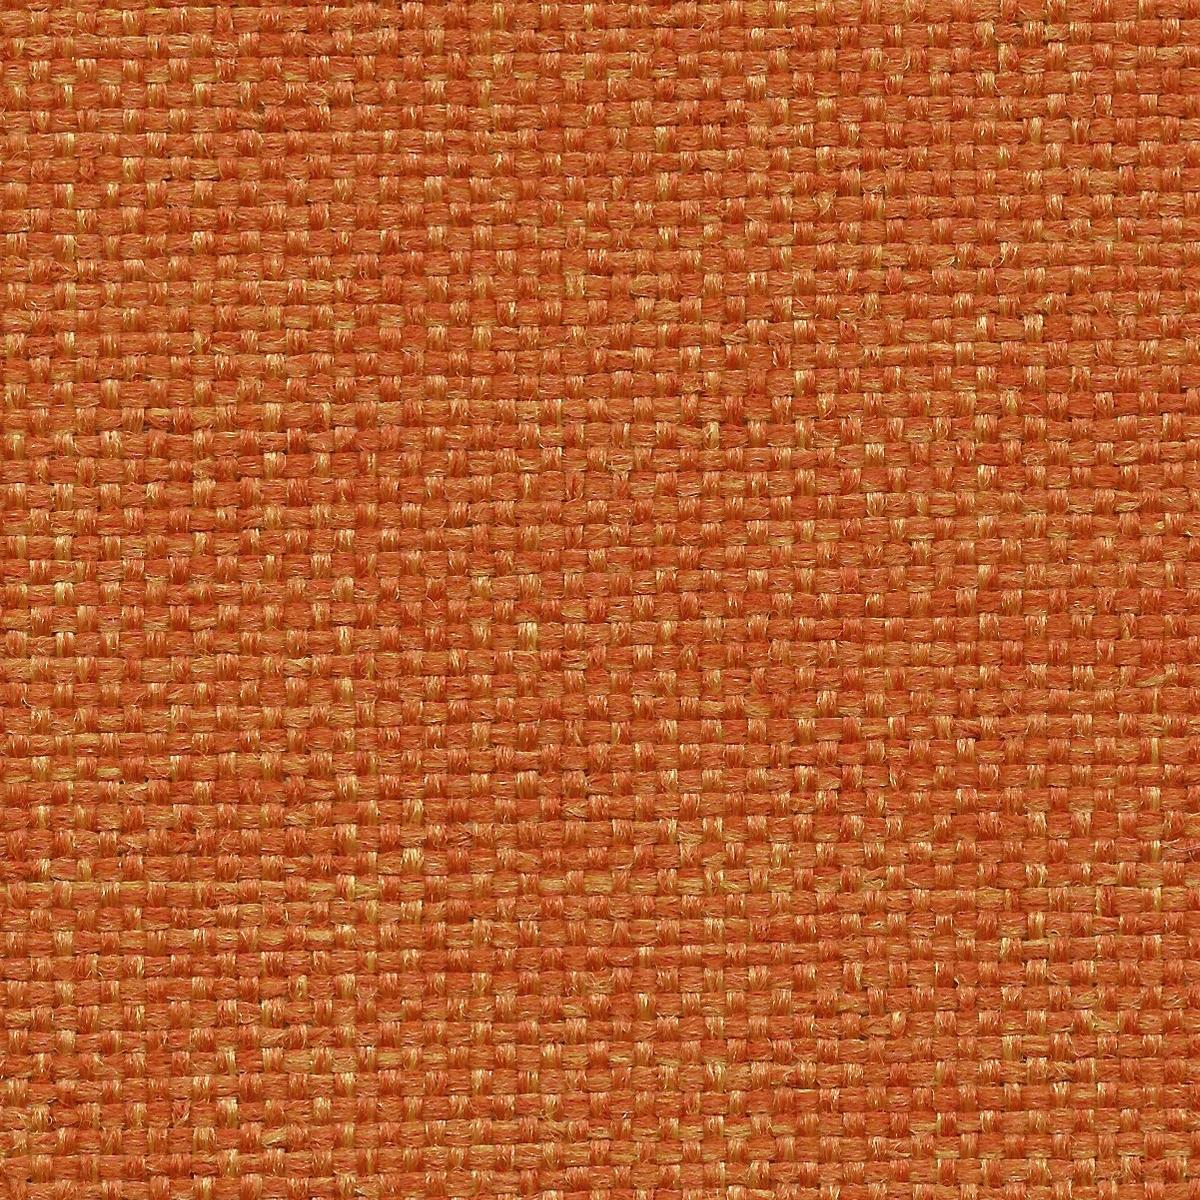 Orange • Rust • Copper